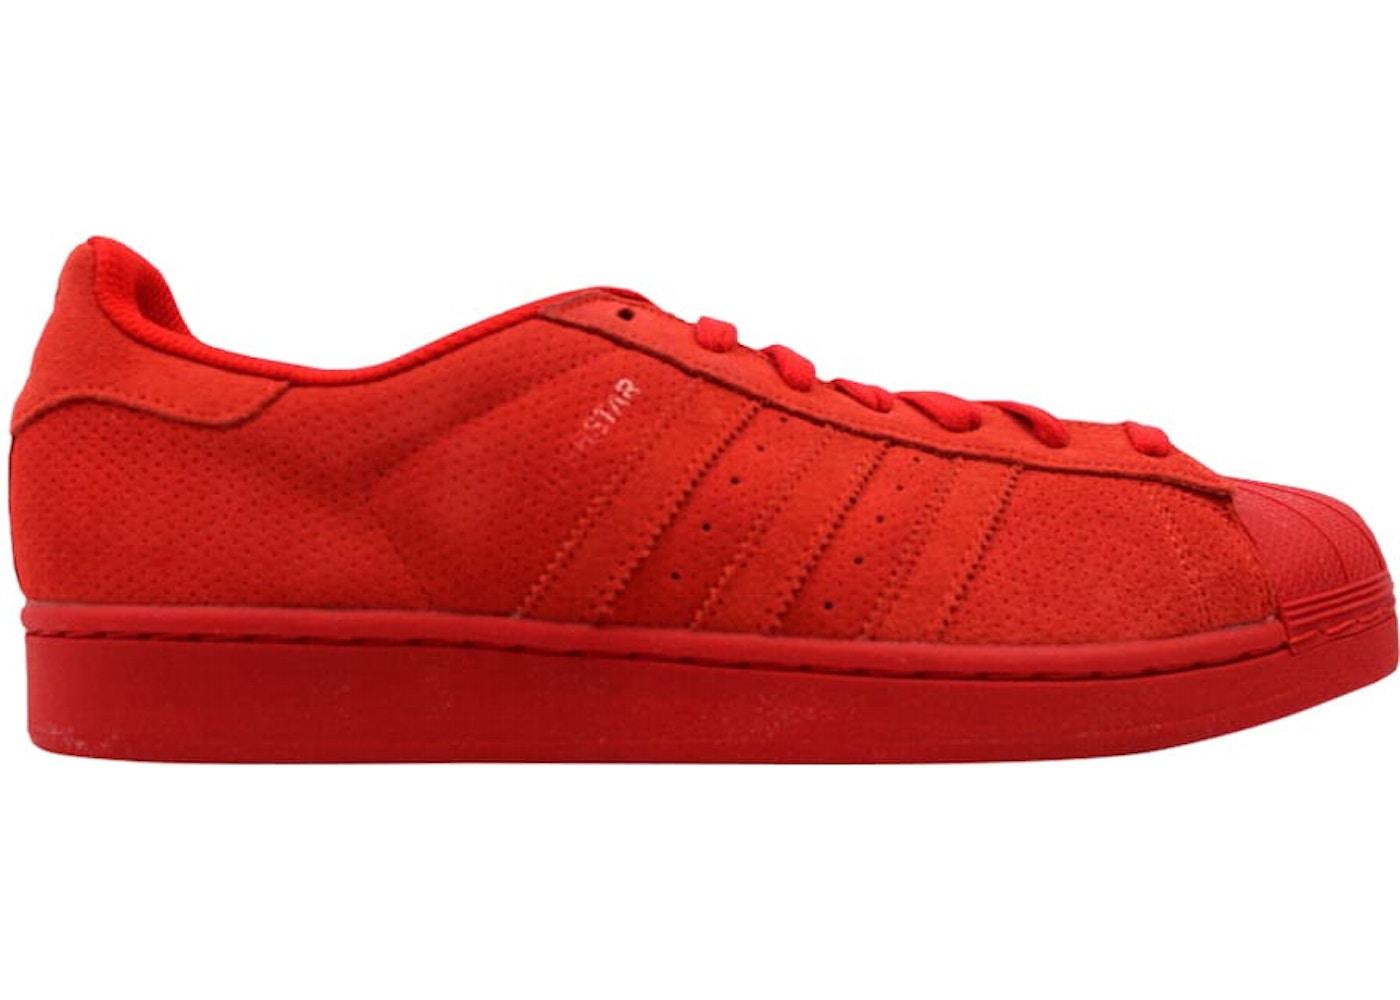 prix d'usine 9dfd0 a5981 adidas Superstar RT Red/Red